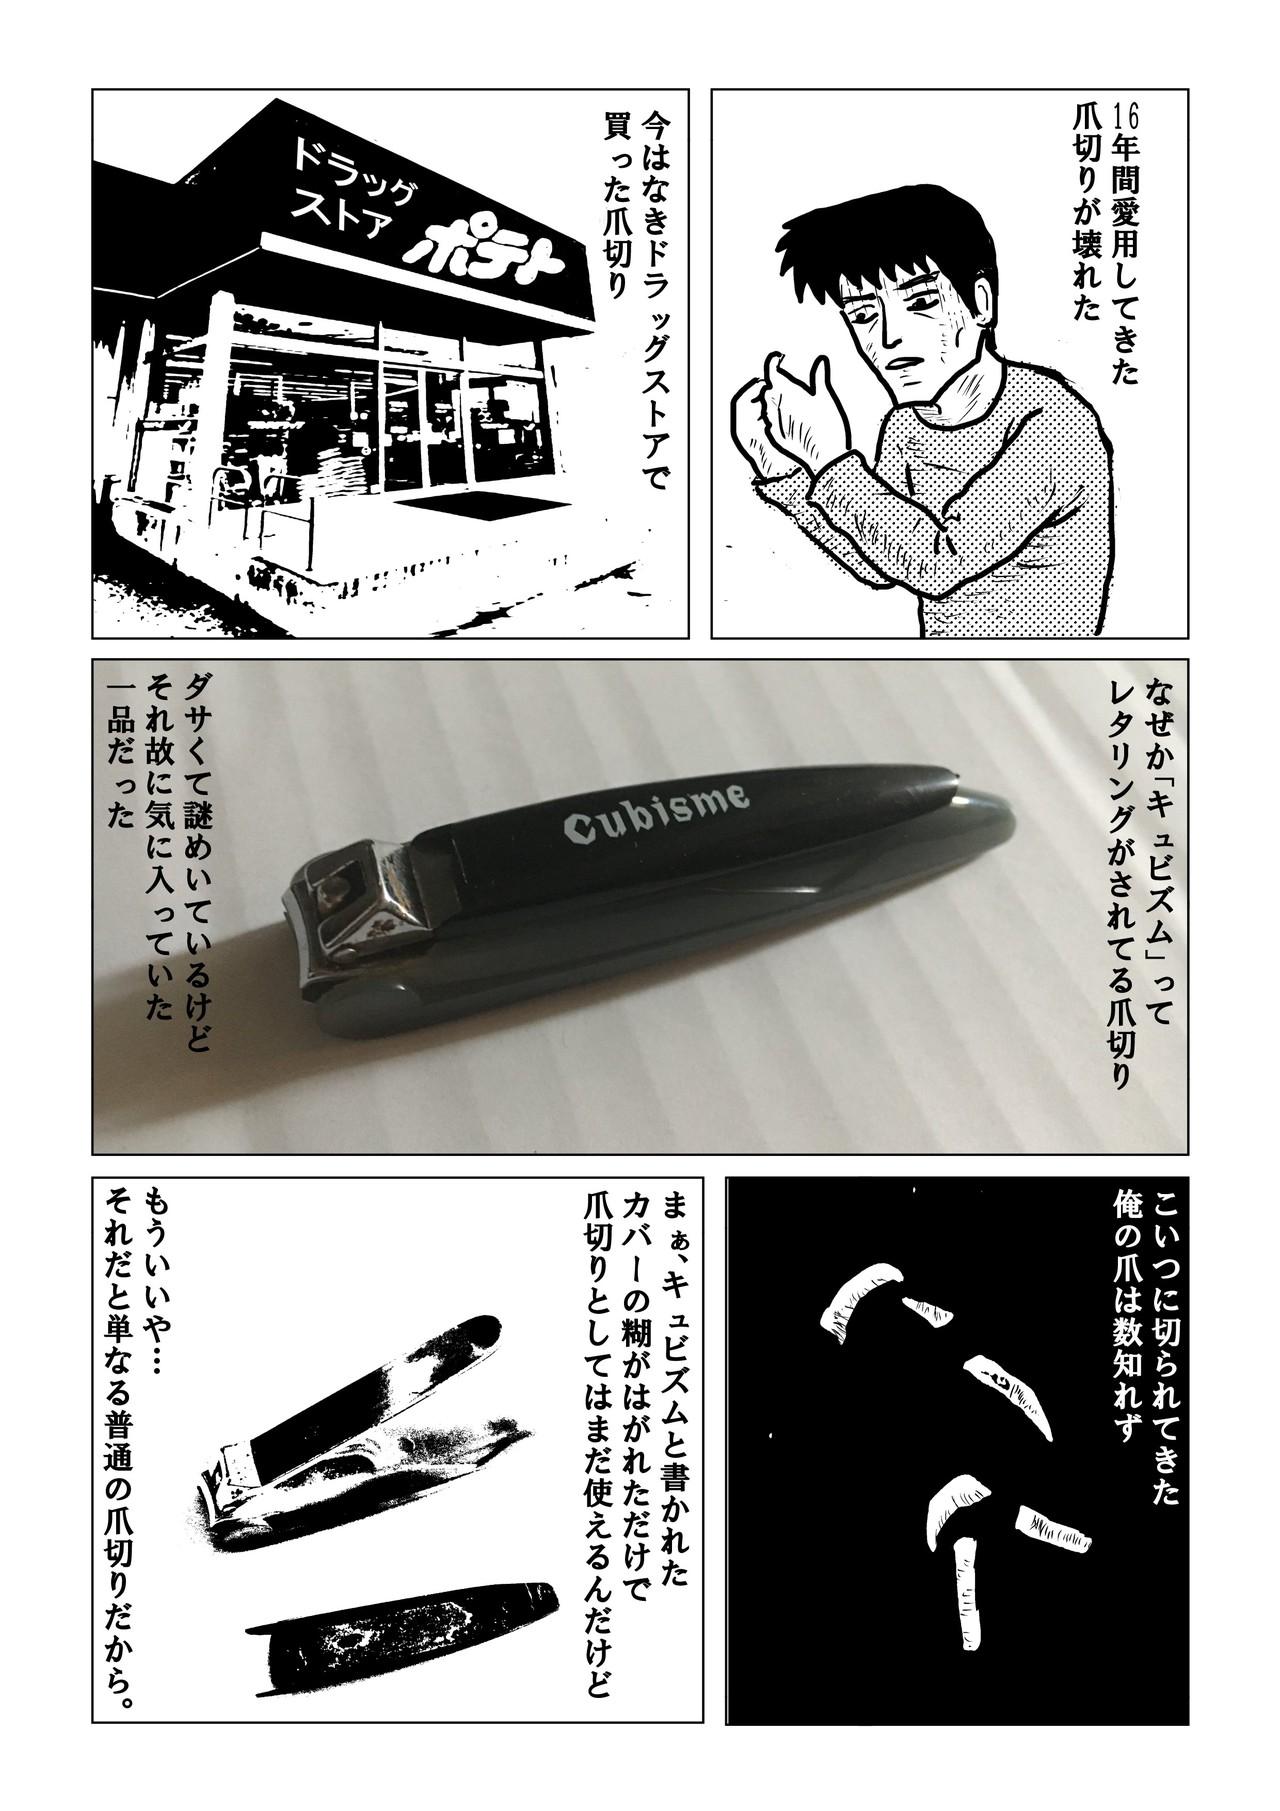 爪切り01_5mb